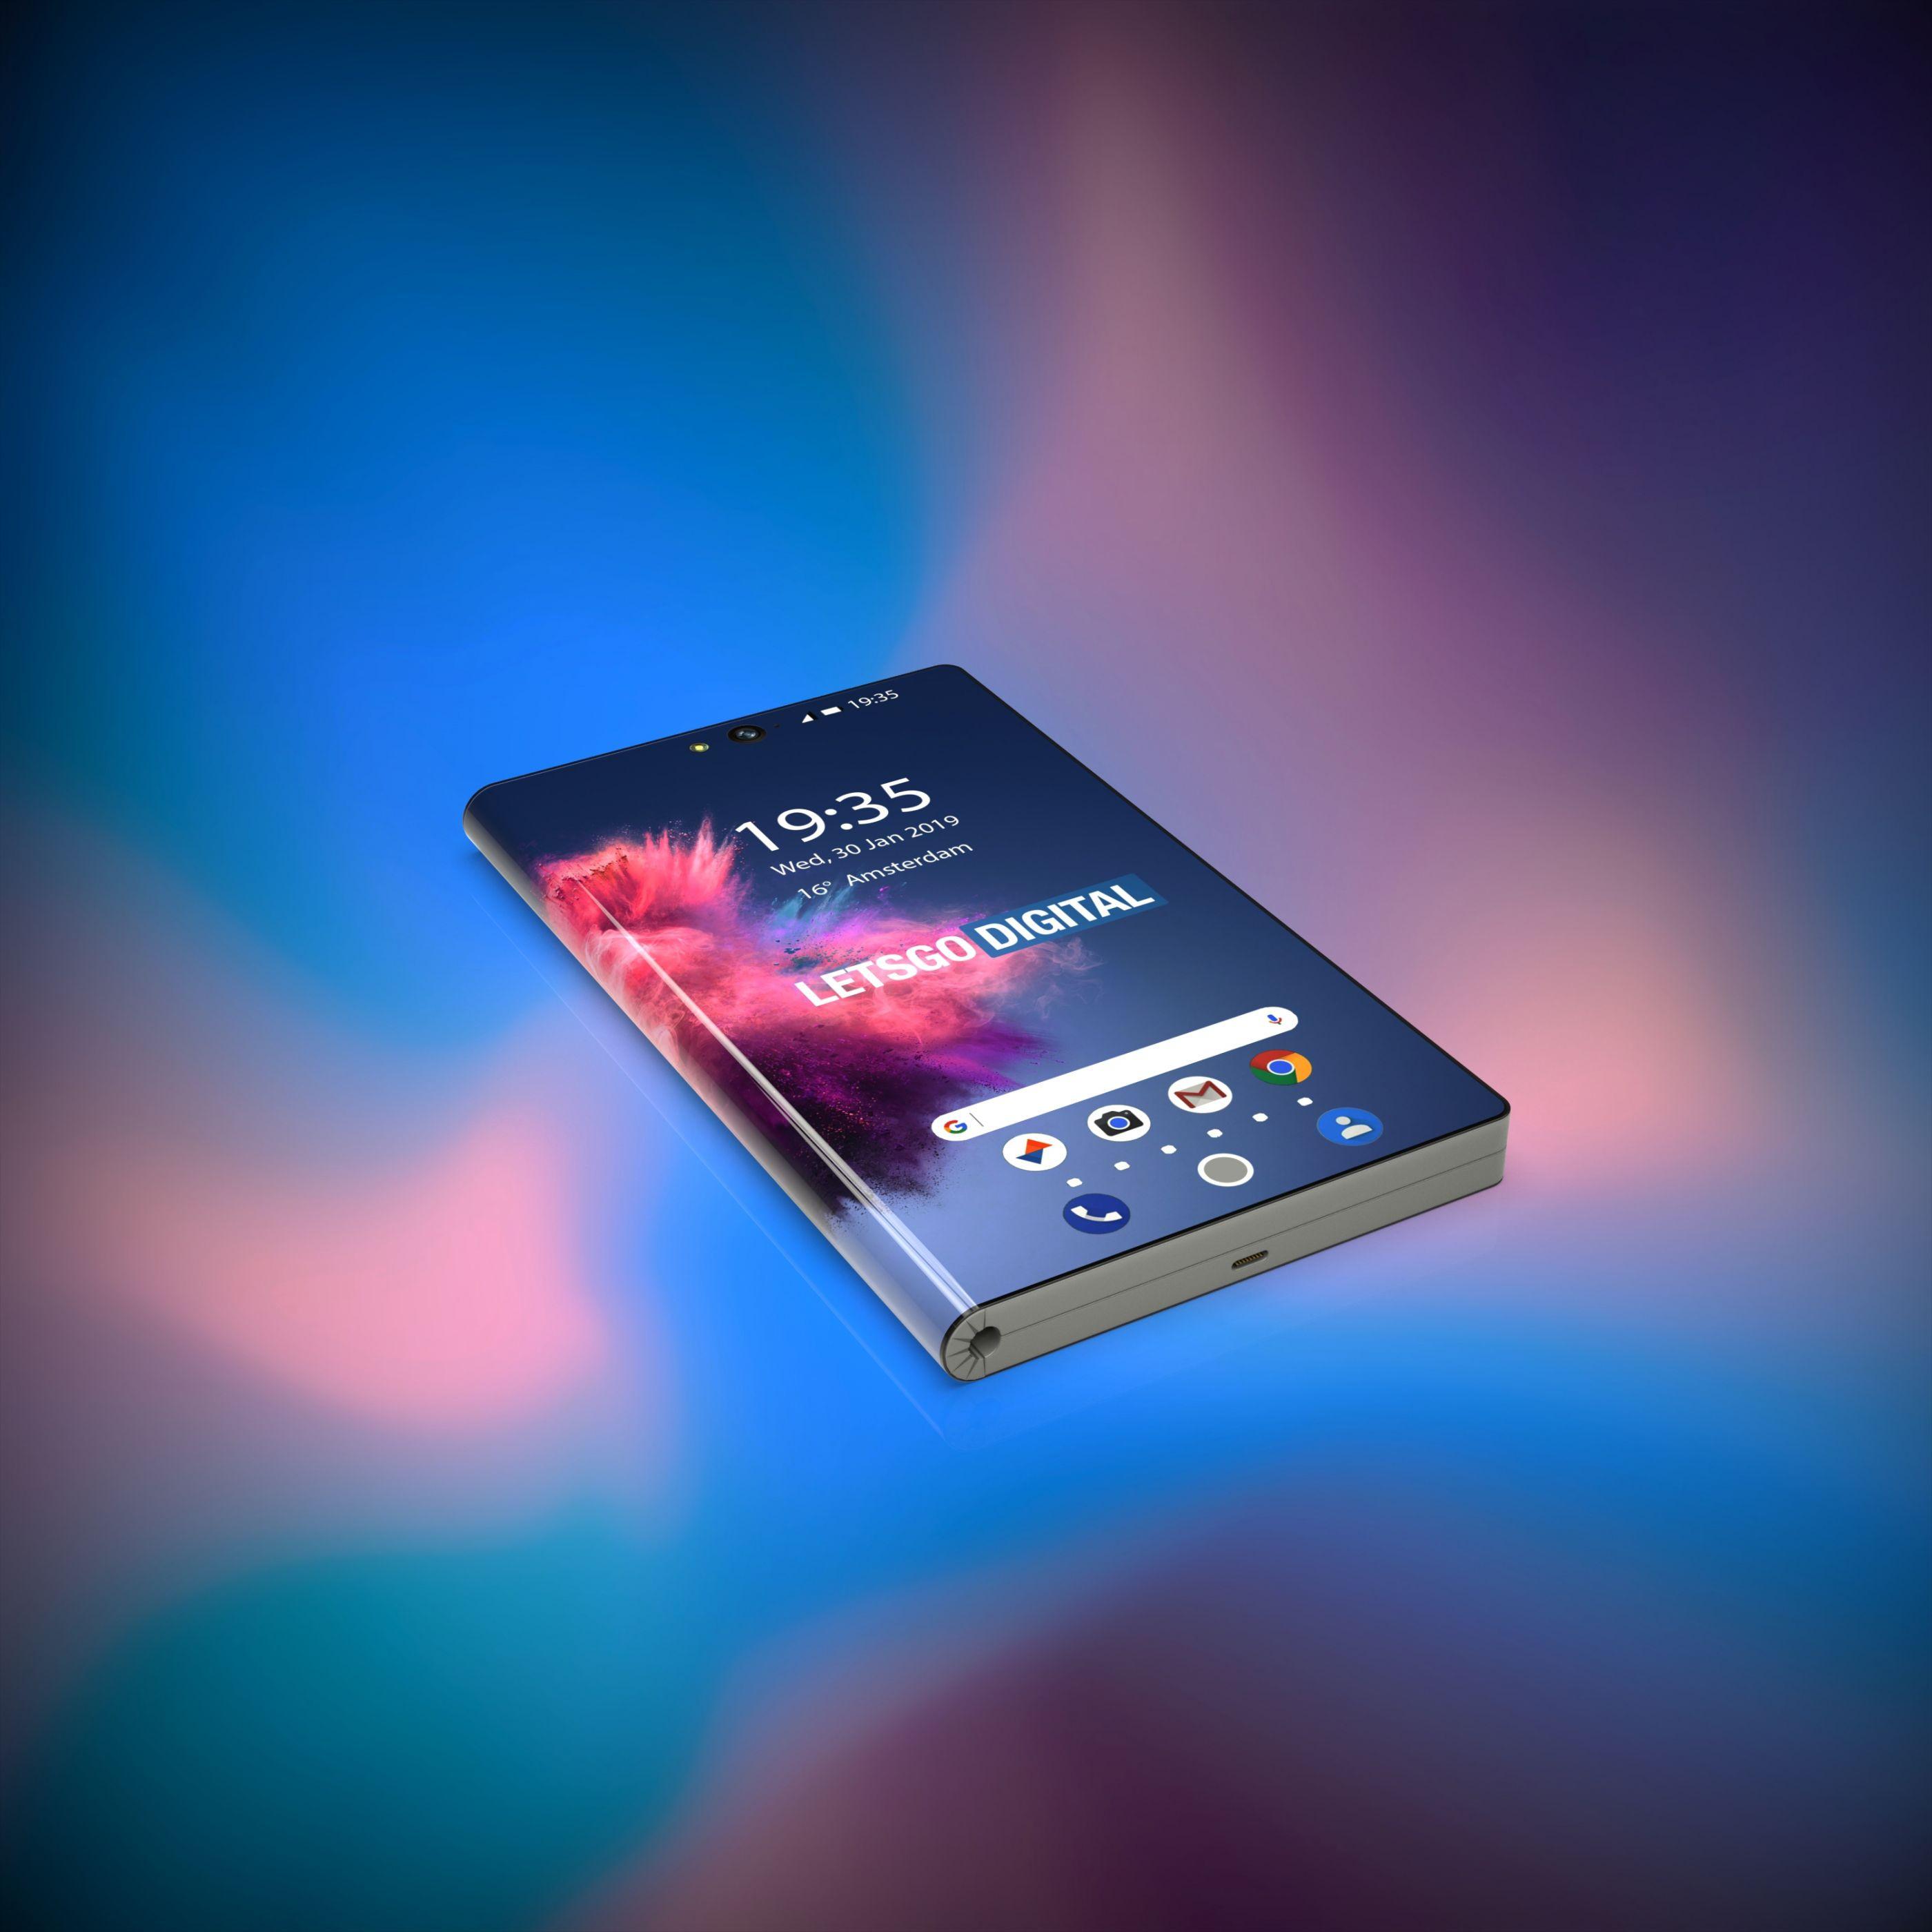 Como será o smartphone dobrável da Huawei? 'Concept' pode dar uma ideia